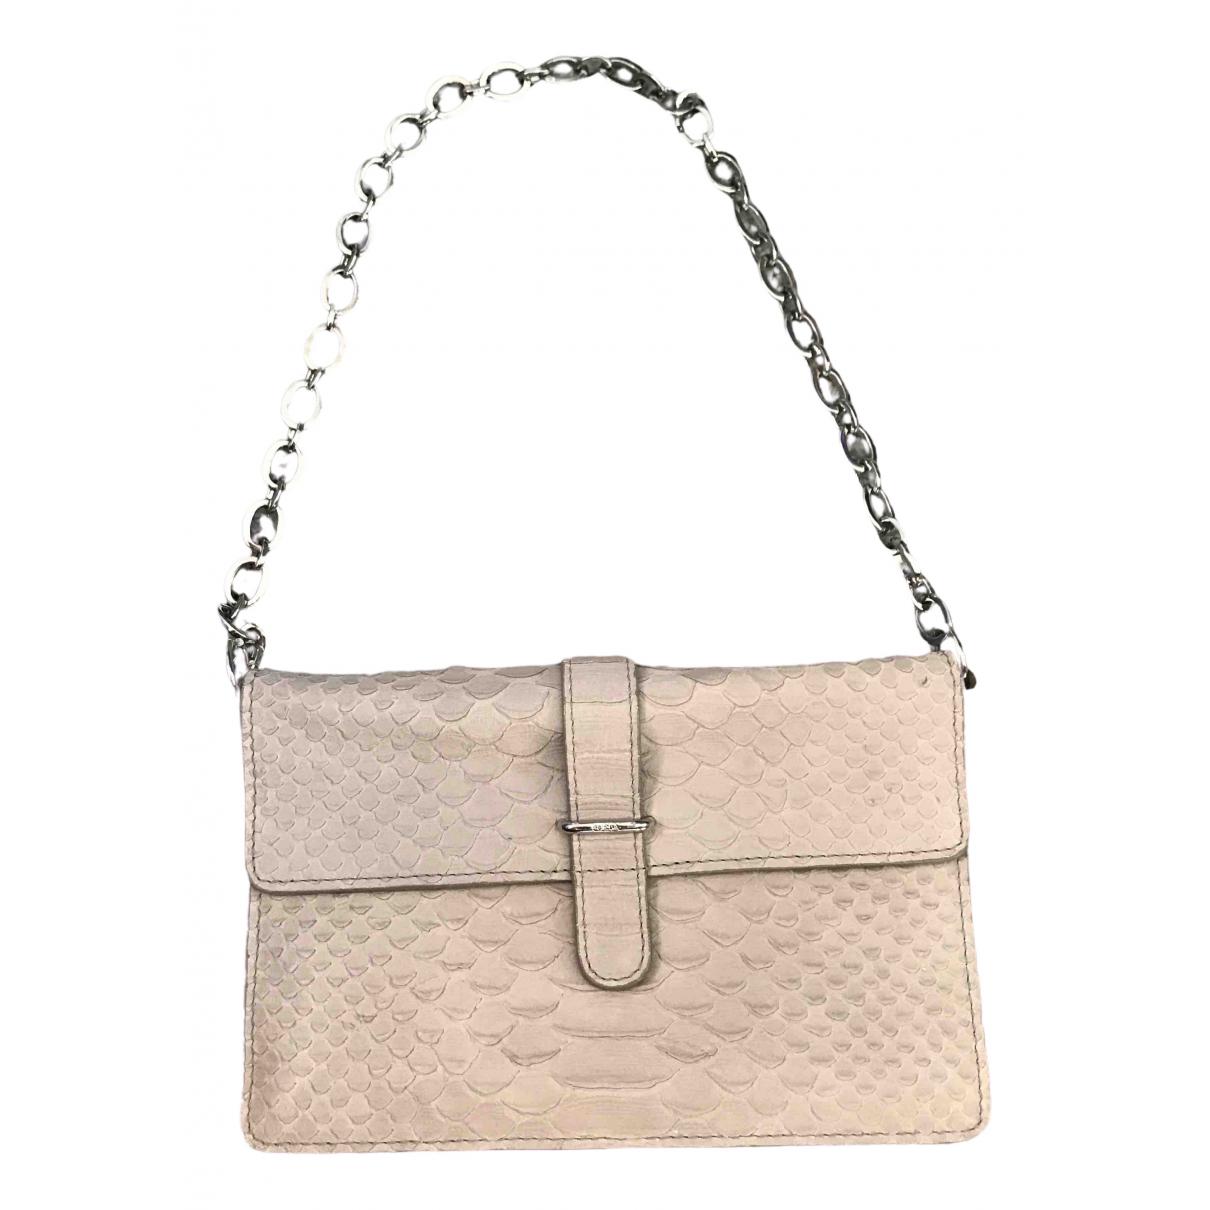 Furla \N Grey Leather Clutch bag for Women \N